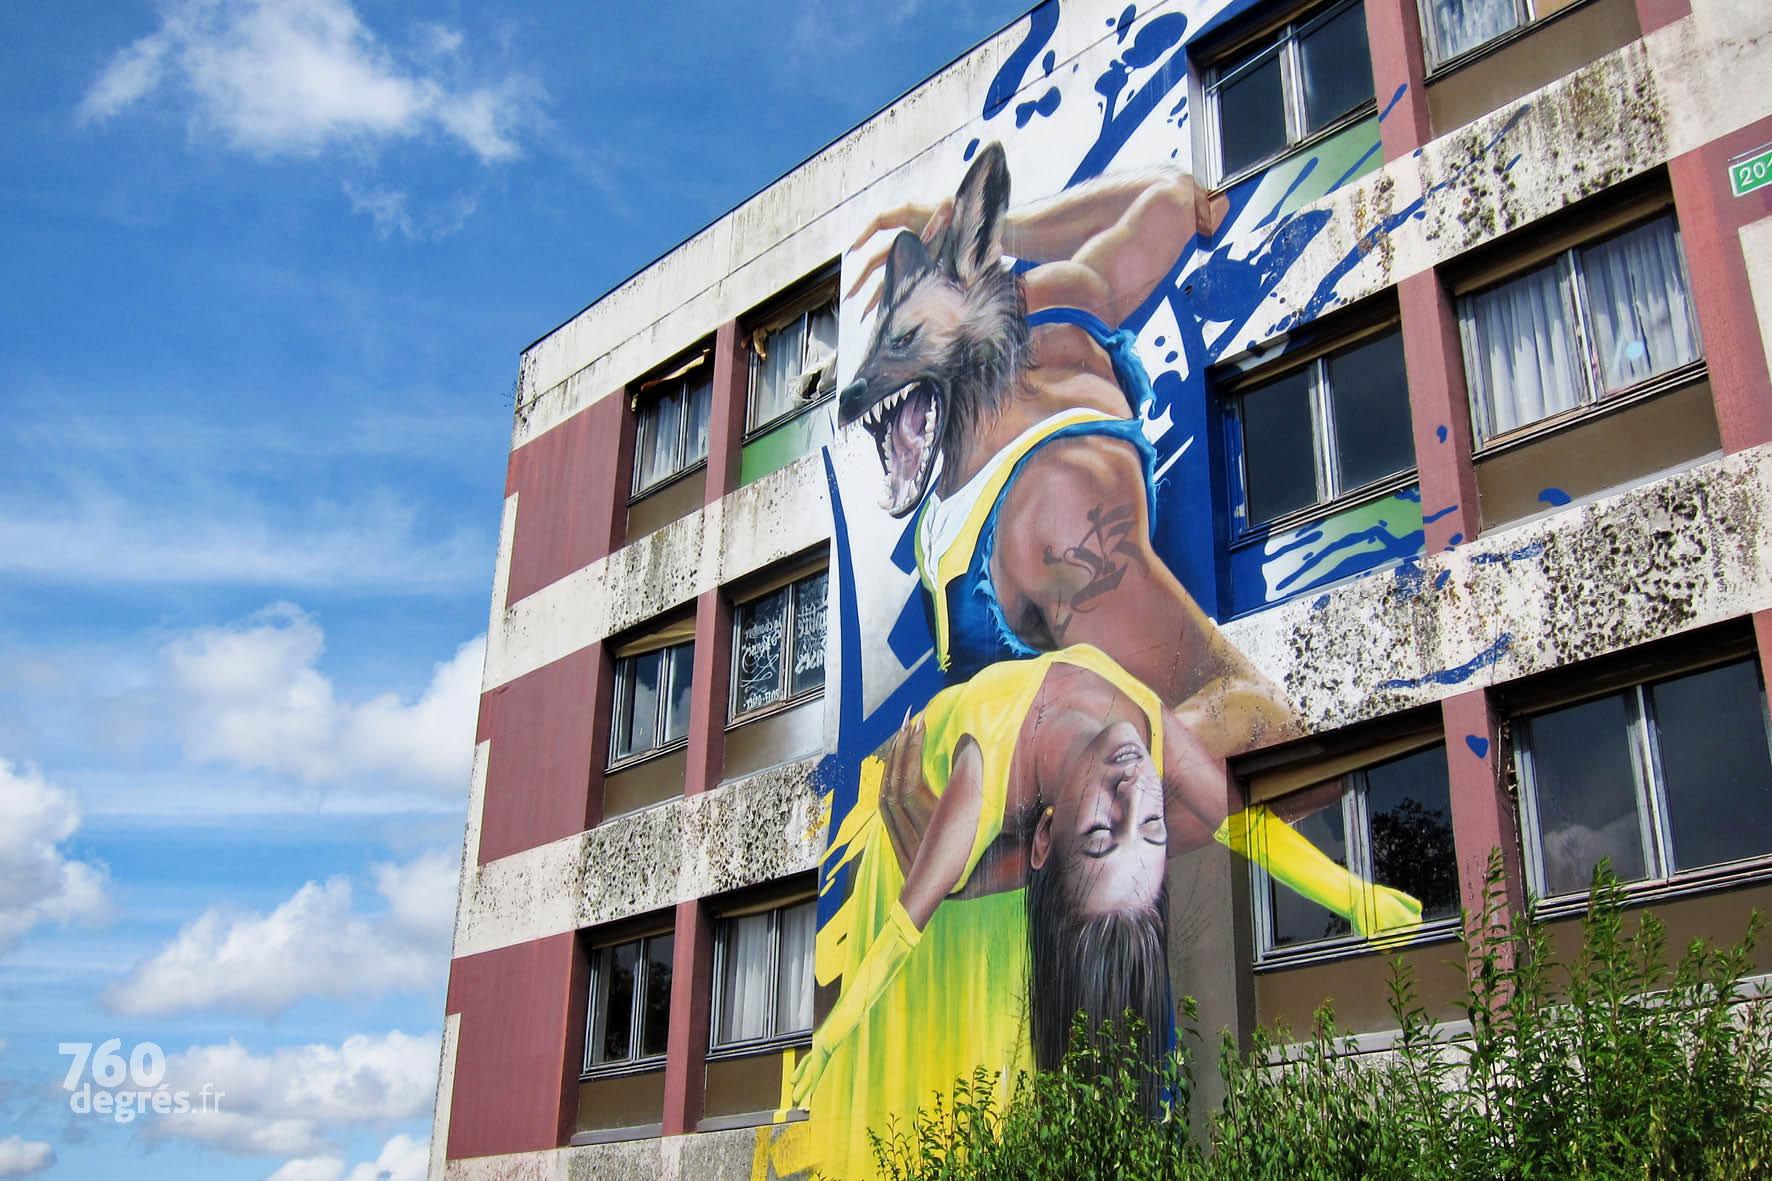 """COSTWO (Allemagne) """"La Belle et la Bête"""" - Star mondiale de l'art urbain, l'artiste excelle dans les réalisations 3D et la qualité des détails."""